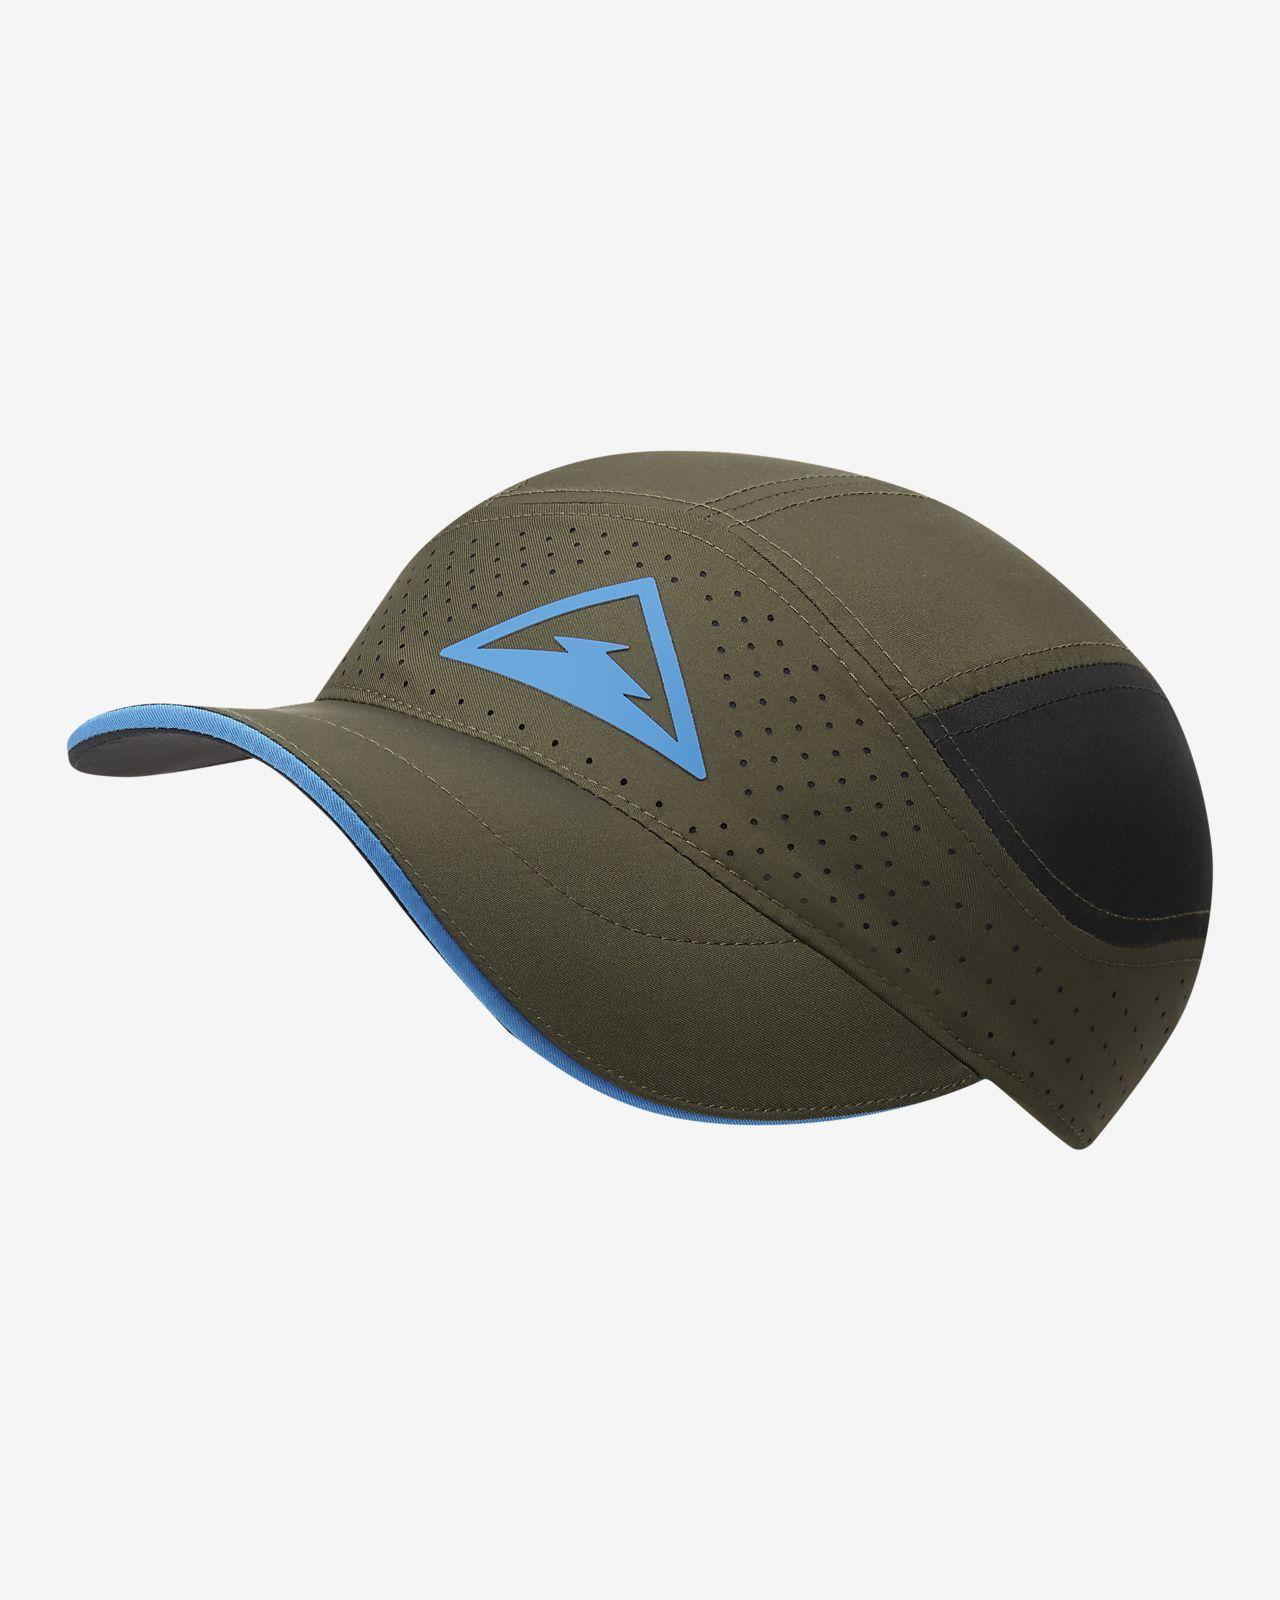 Καπέλο για τρέξιμο Nike AeroBill Tailwind